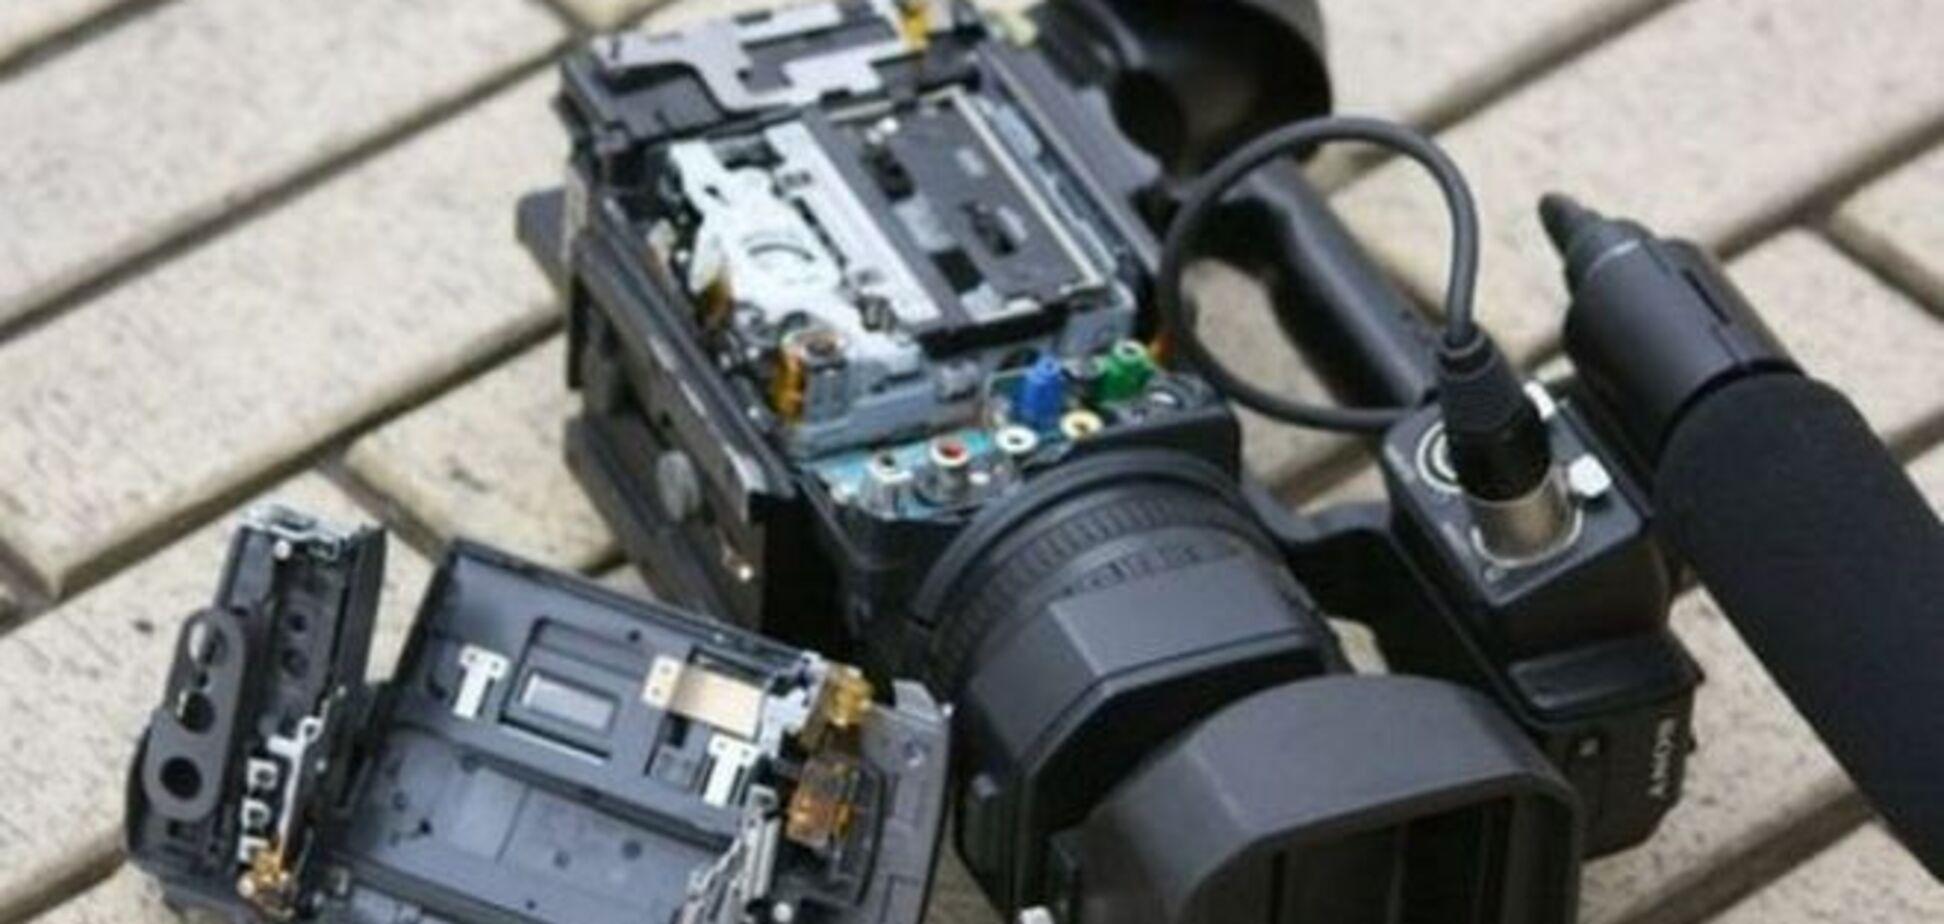 Расследование махинаций в МВД: журналистам под Одессой разбили камеру